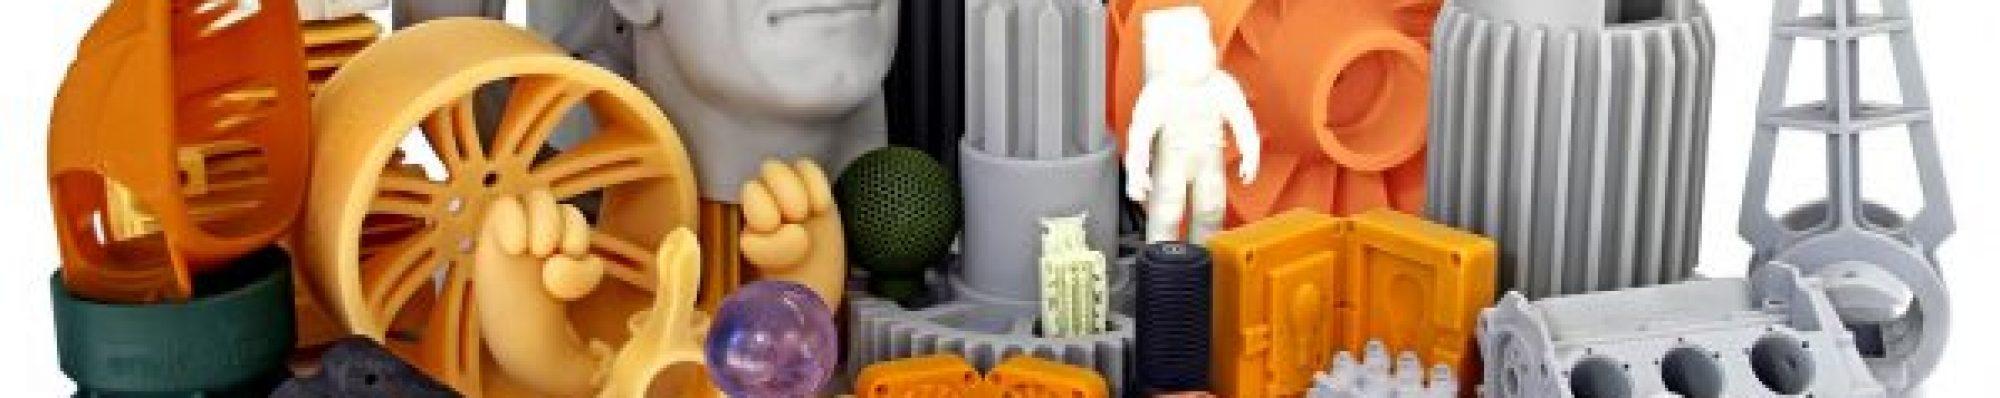 ステップワイズ株式会社| envisionTEC 3Dプリンター販売